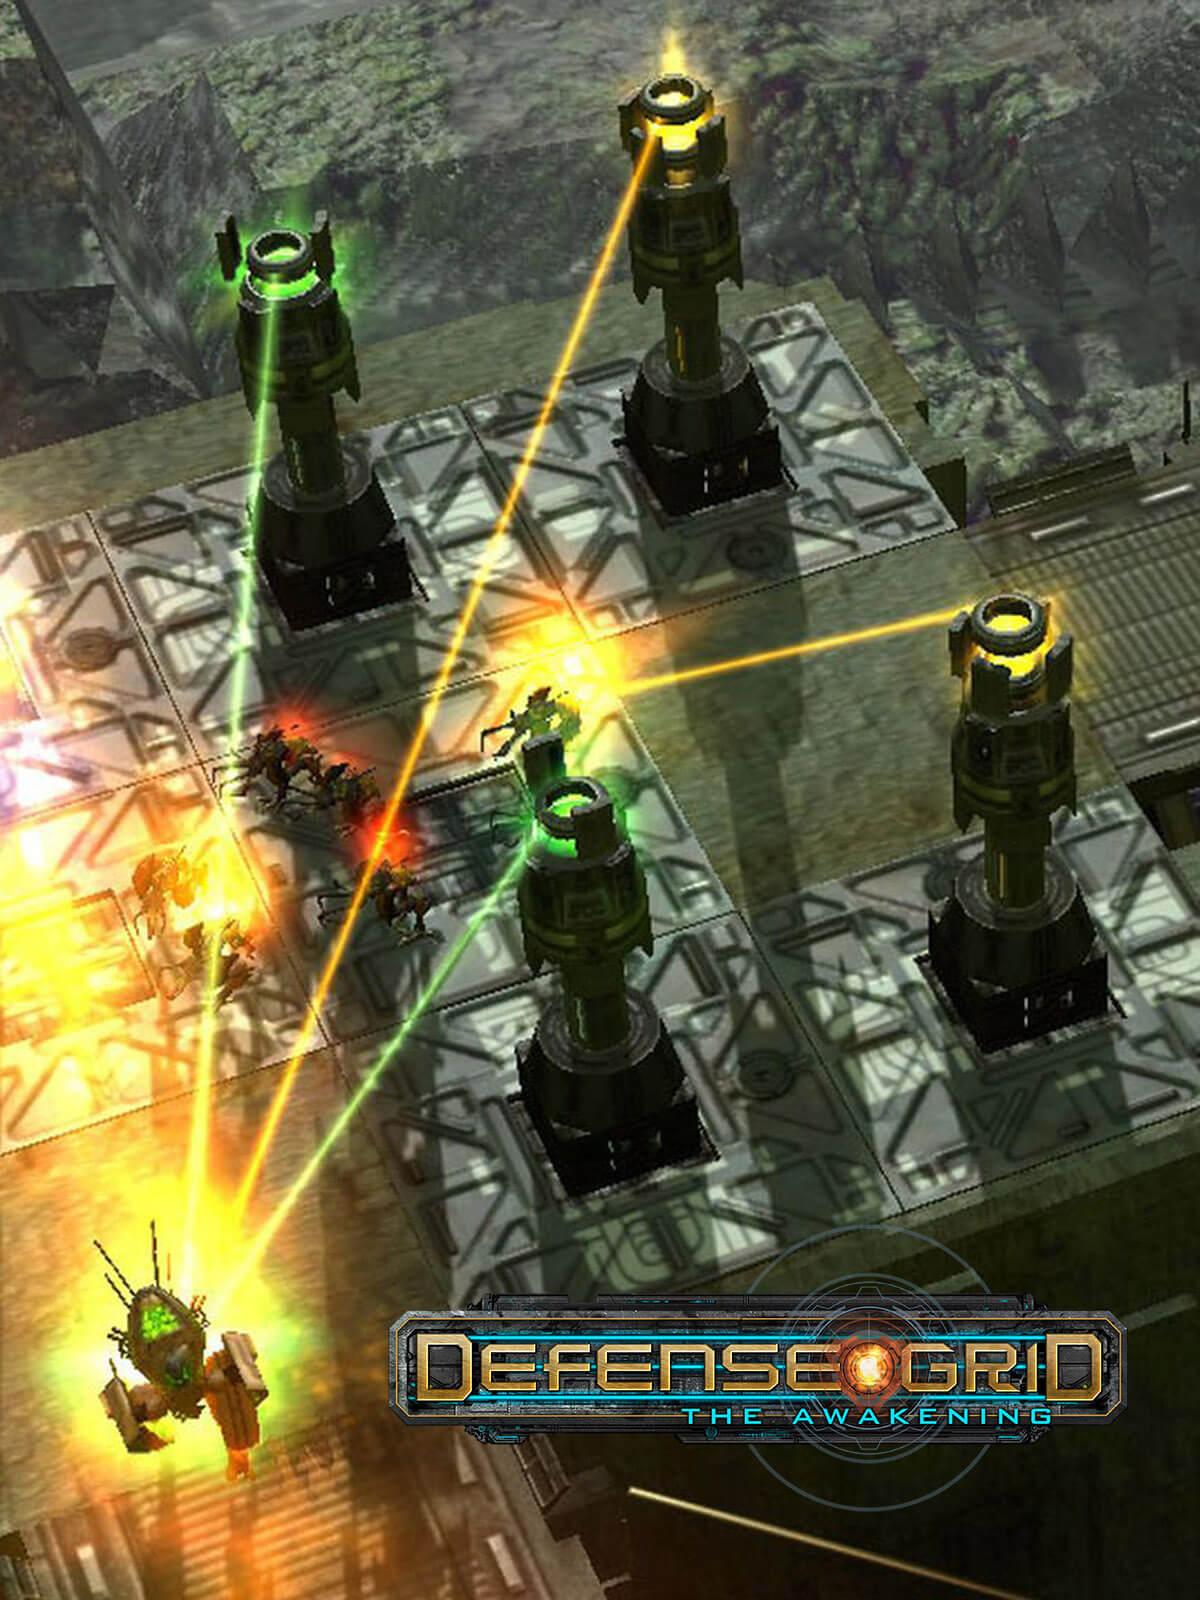 GRATIS Defense Grid: The Awakening op epicgames (vanaf maandag 21 december alles in de verzamelpost zie beschrijving)